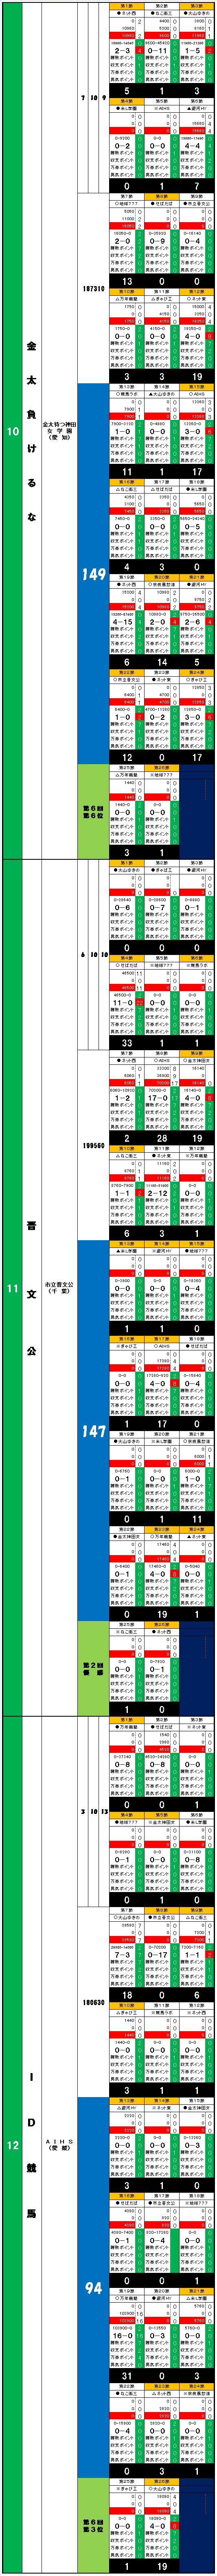 20160619・ダルマンリーグ第26節後半終了個人成績データ④.jpg